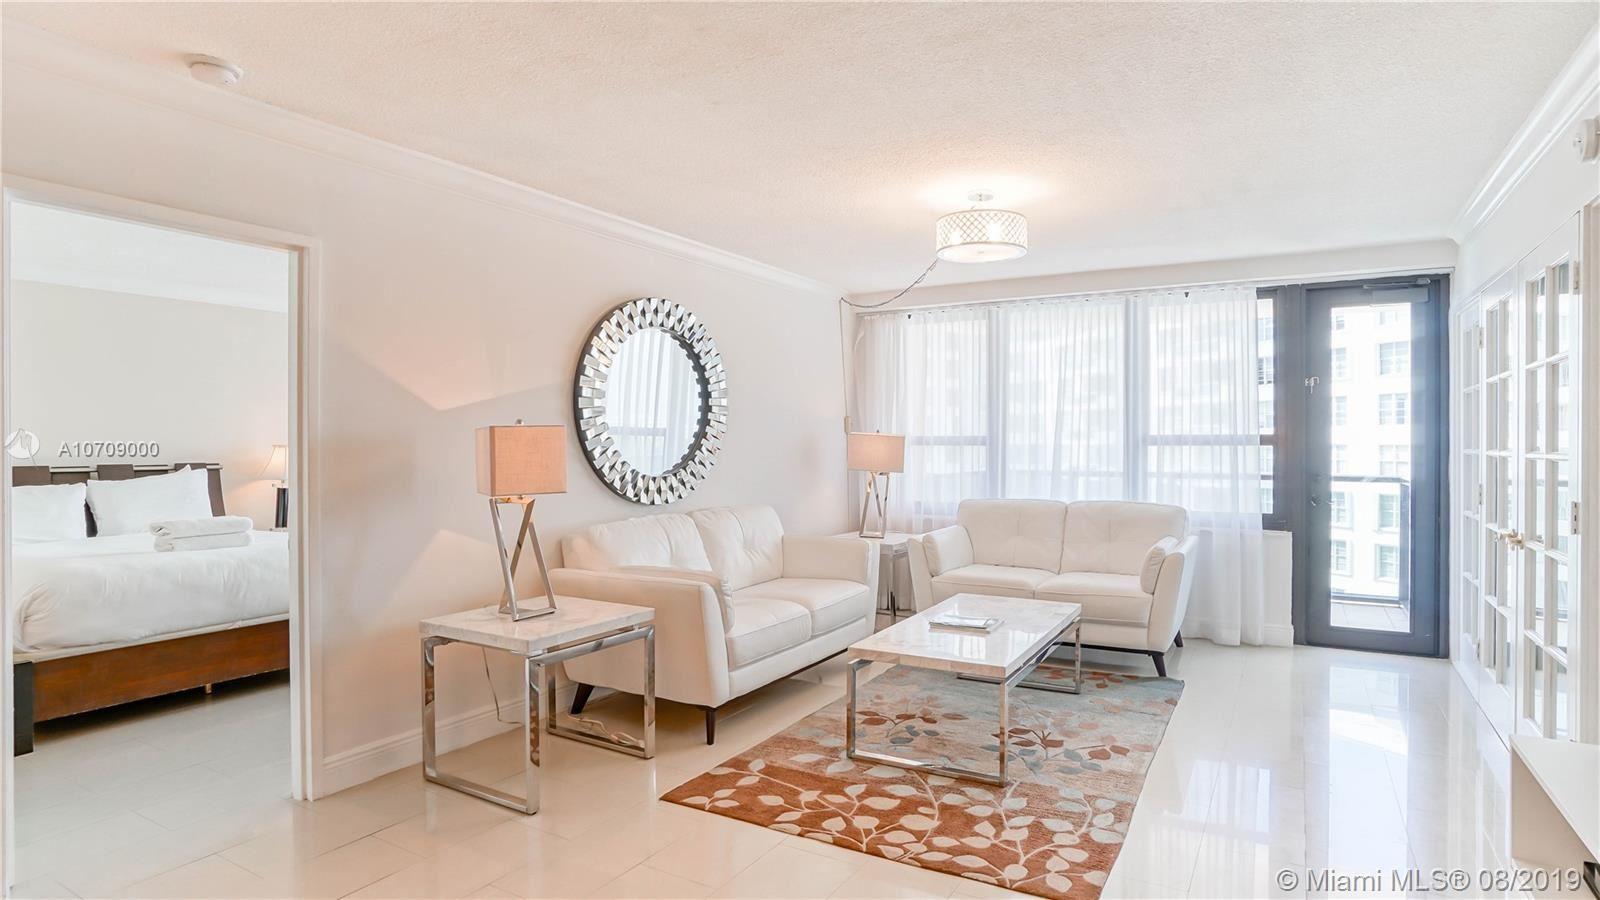 5225 Collins Ave #1417, Miami Beach, FL 33140 - #: A10709000